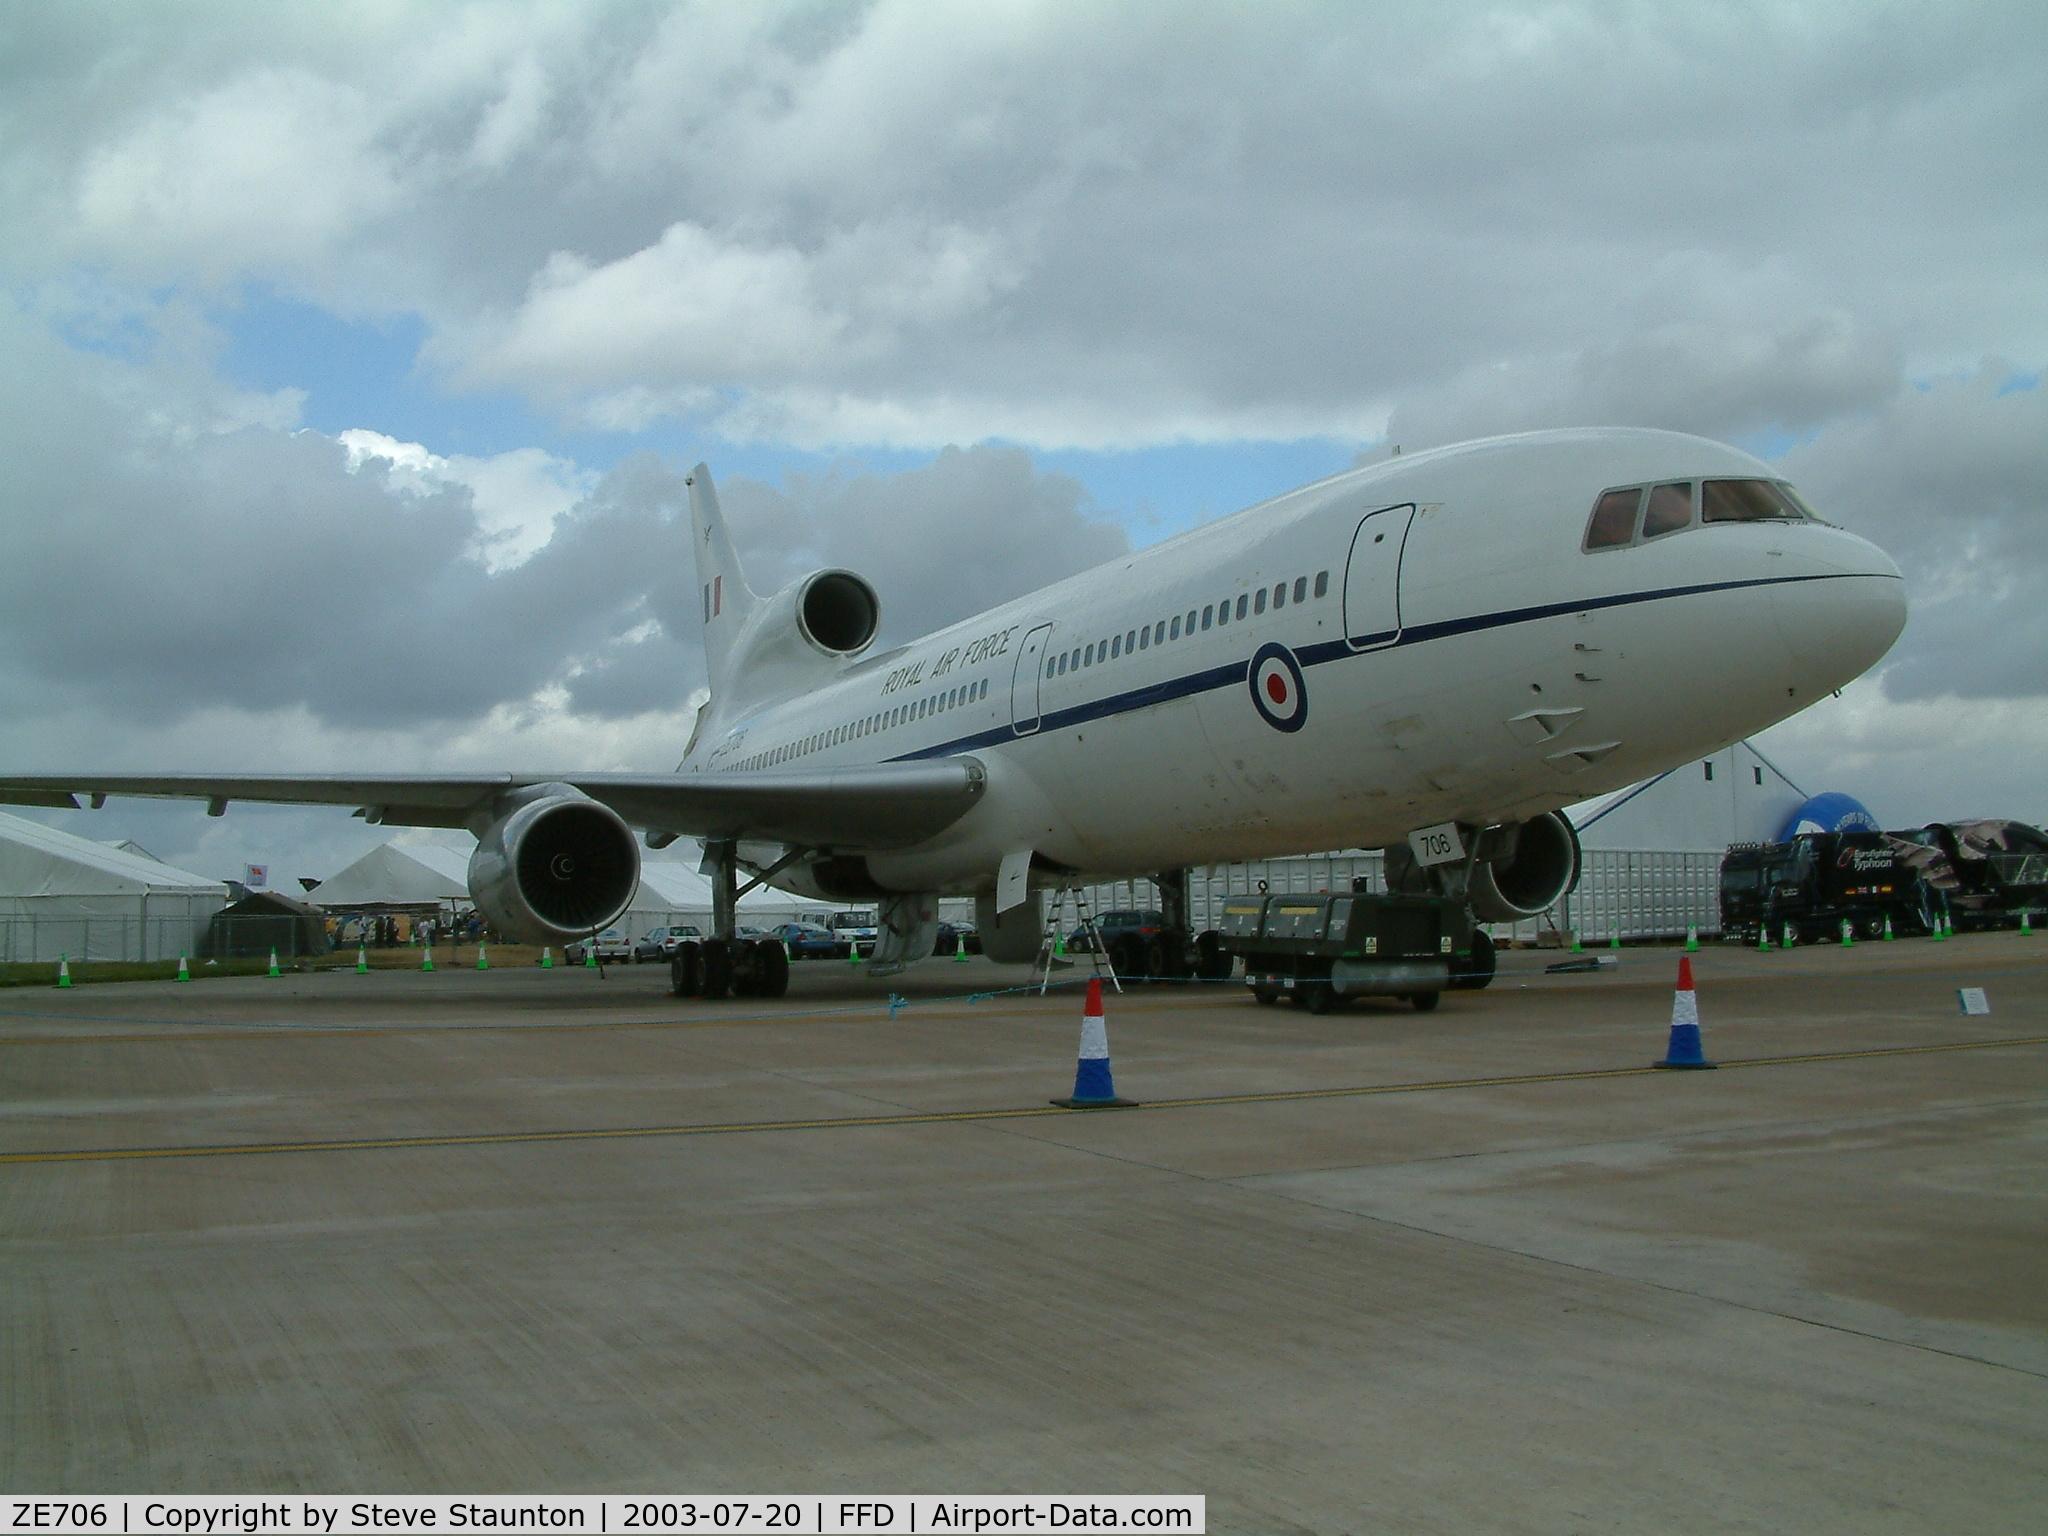 ZE706, Lockheed L-1011-385-3 TriStar C2 (500) C/N 193Y-1177, Royal International Air Tattoo 2003